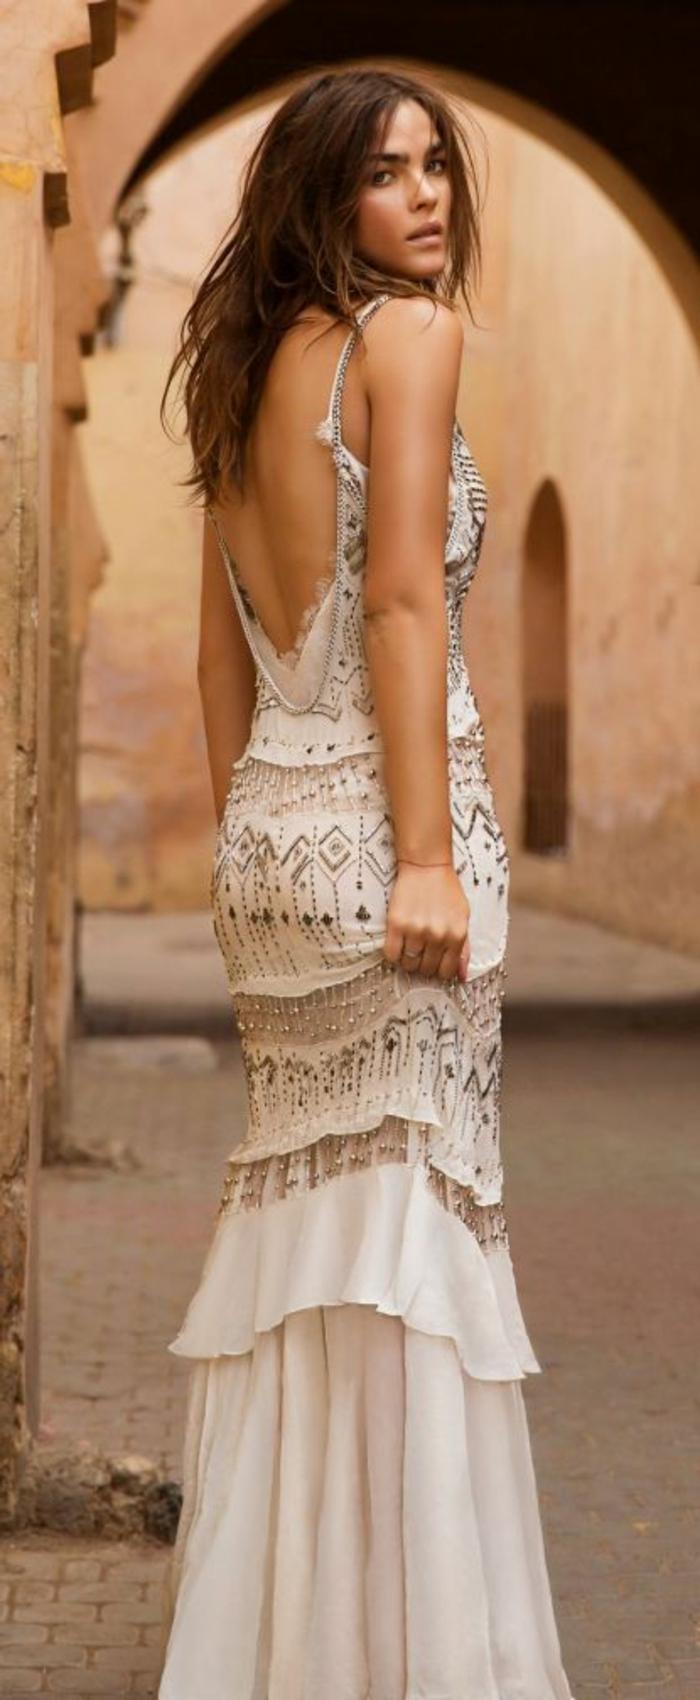 Das boho kleid als ausdruck eine freien geistes for Boho dekoration